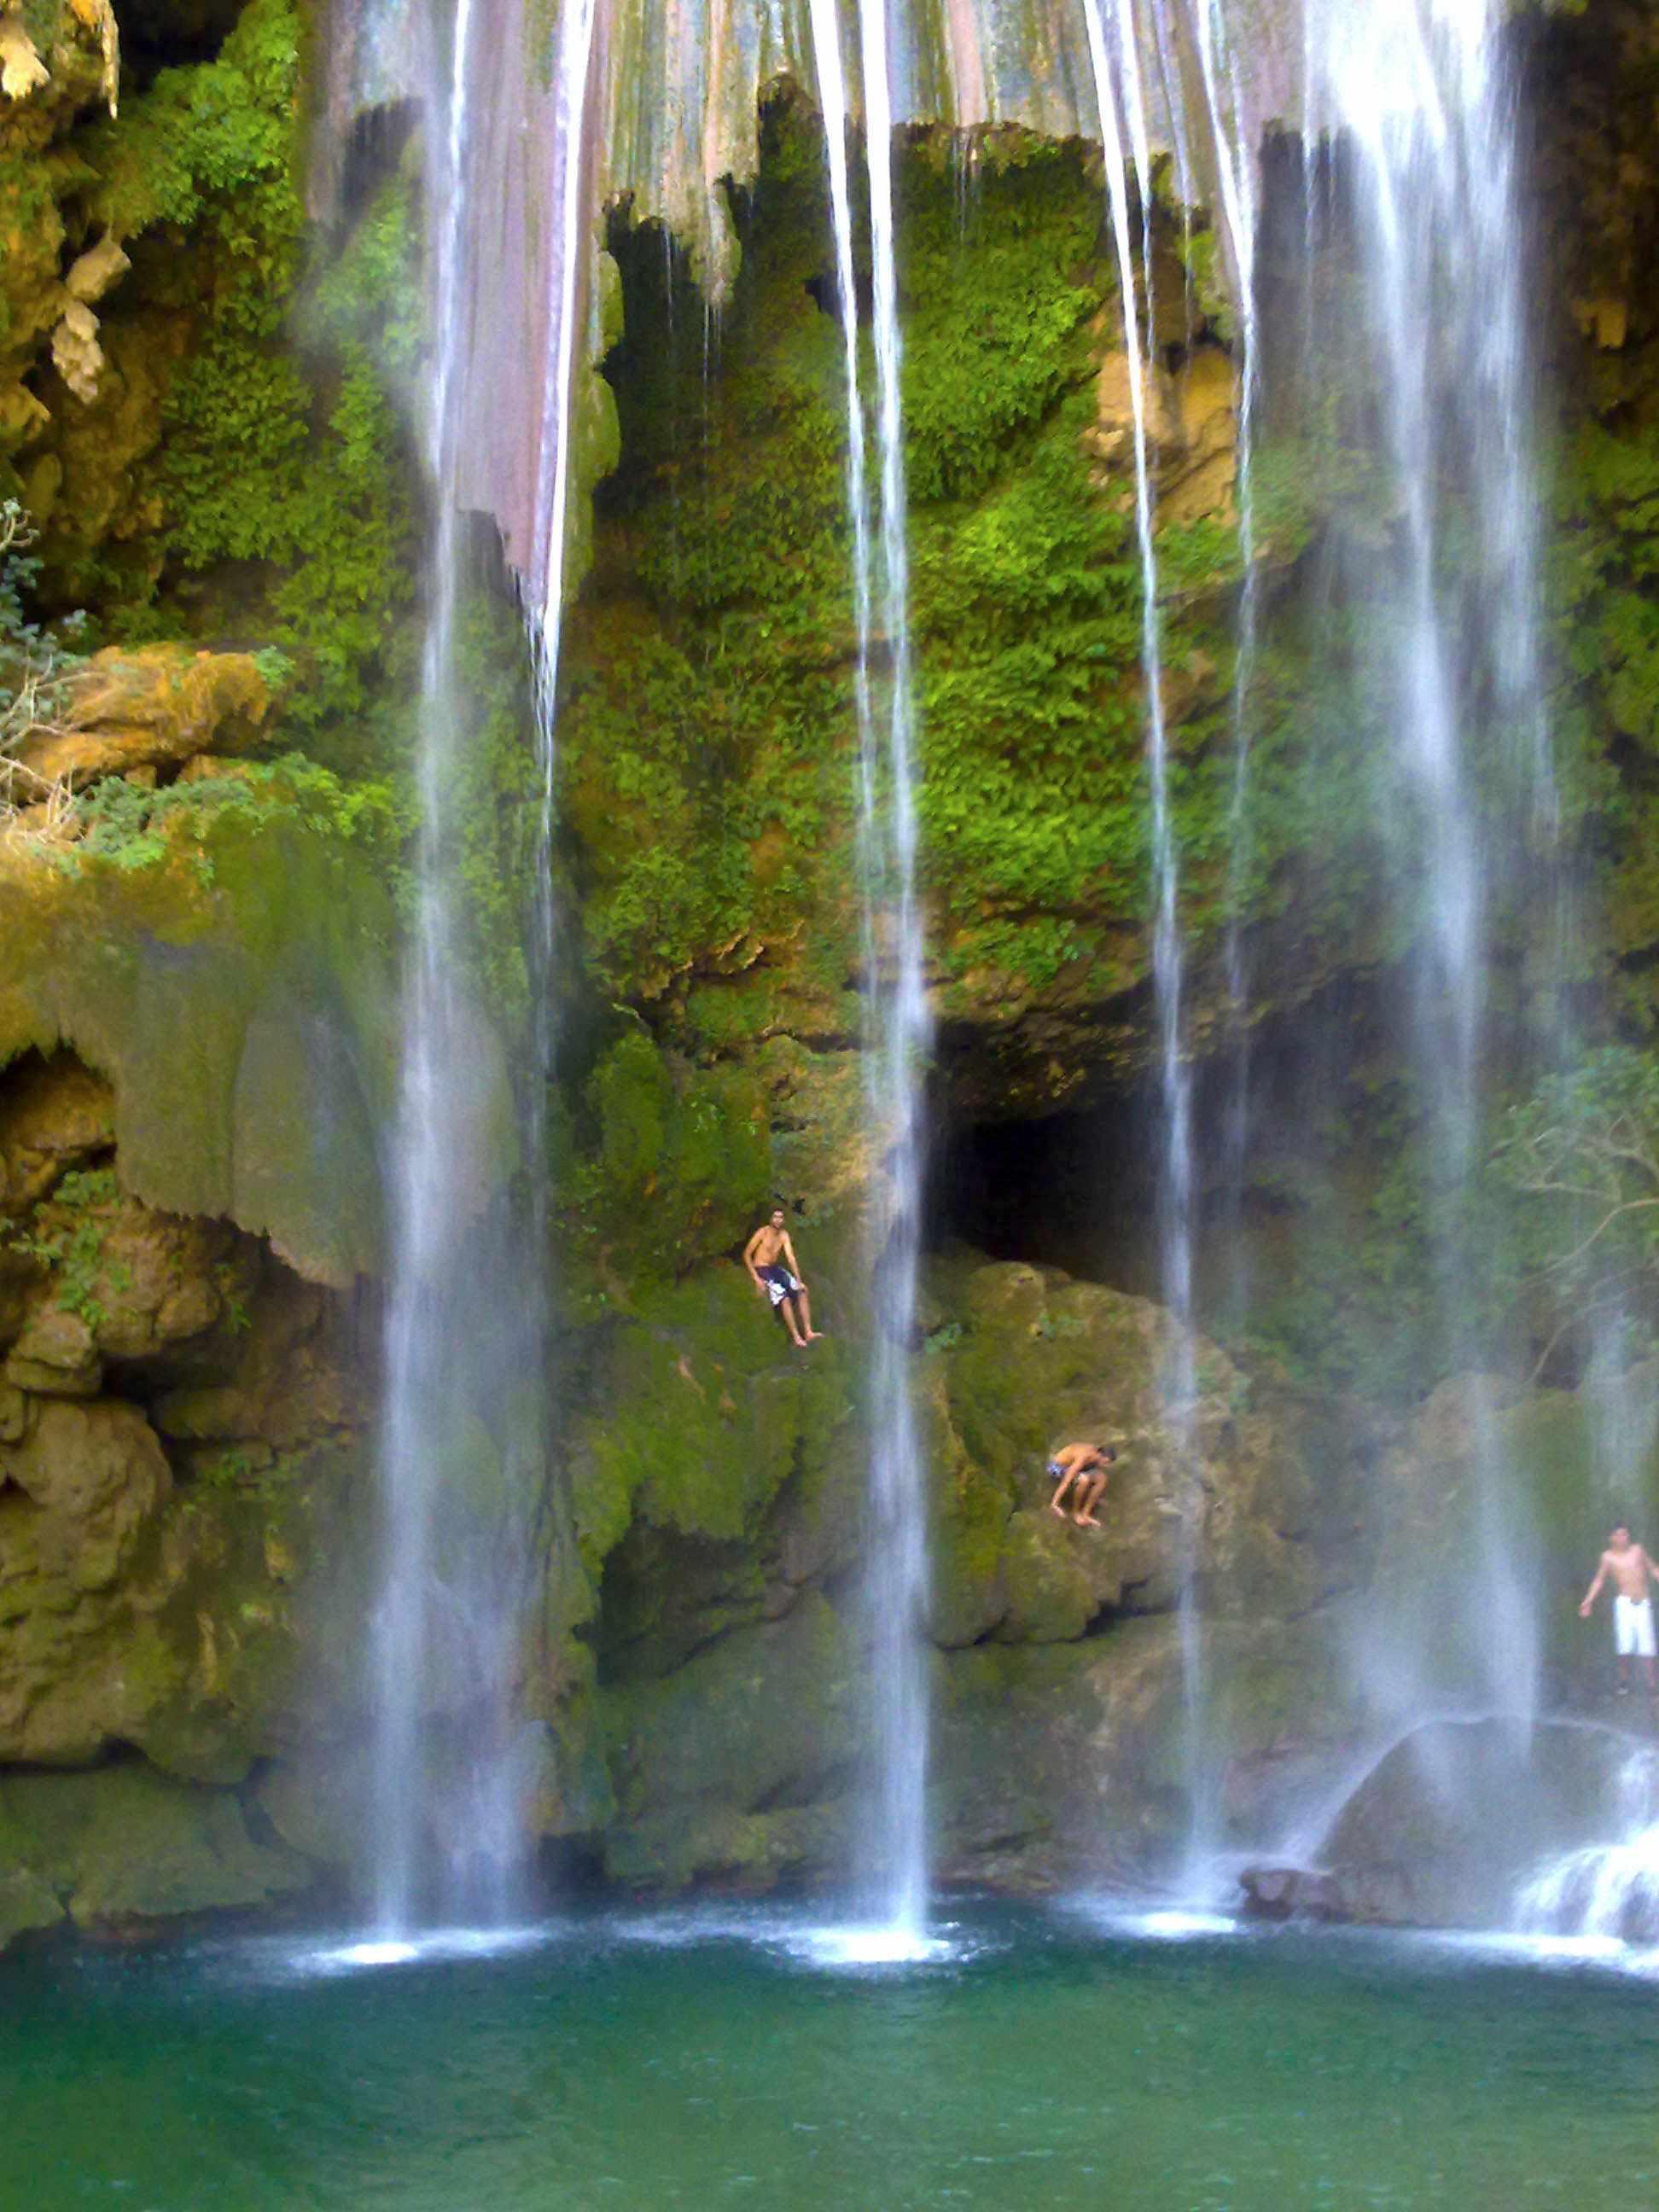 Farda Wadi in Akchour for hiking